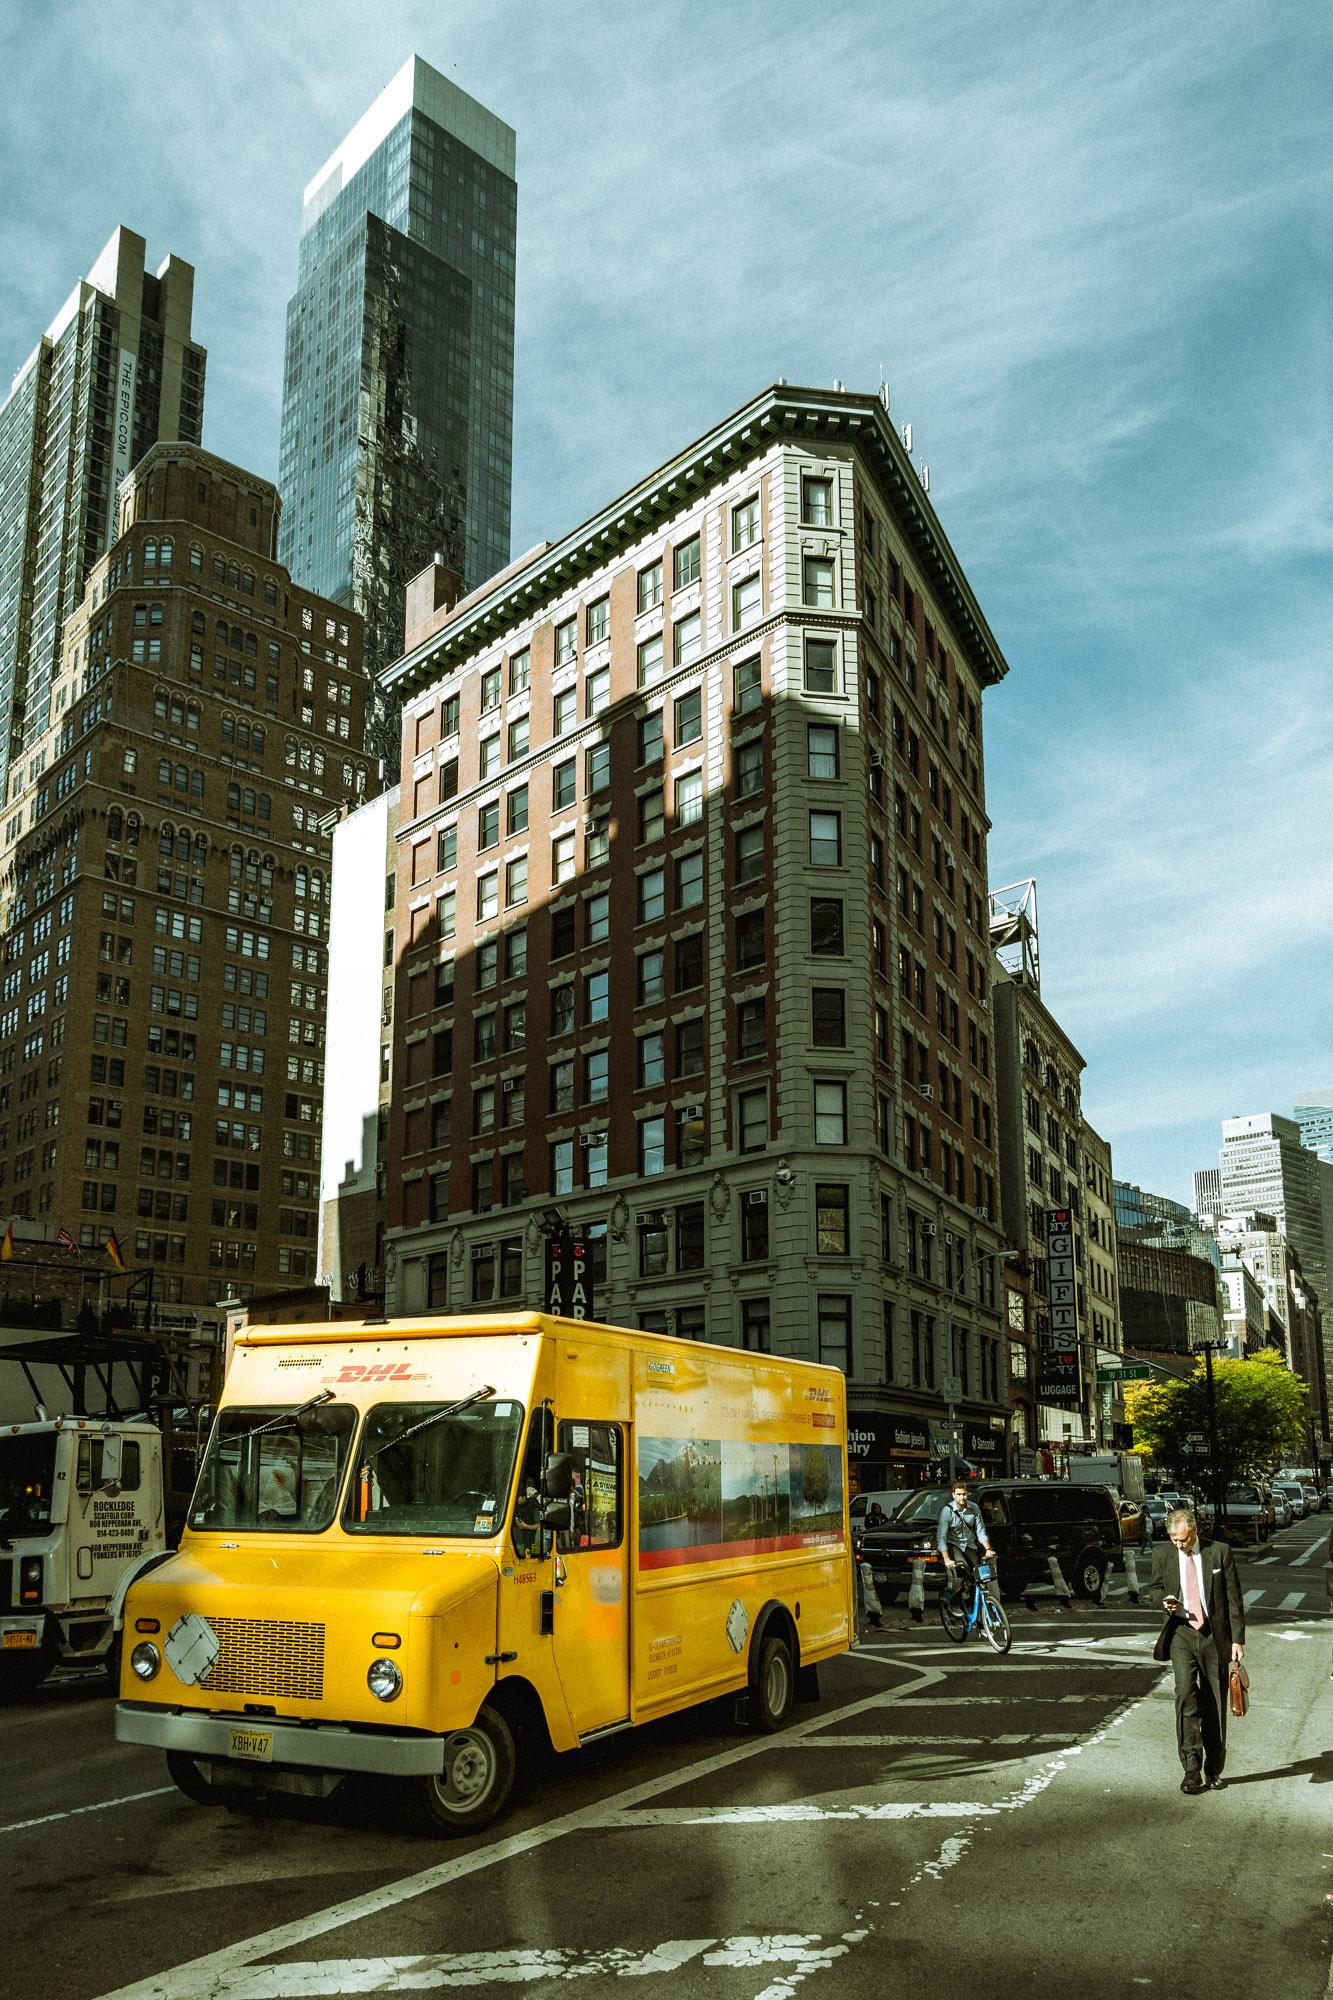 14-1411_02_newyork2